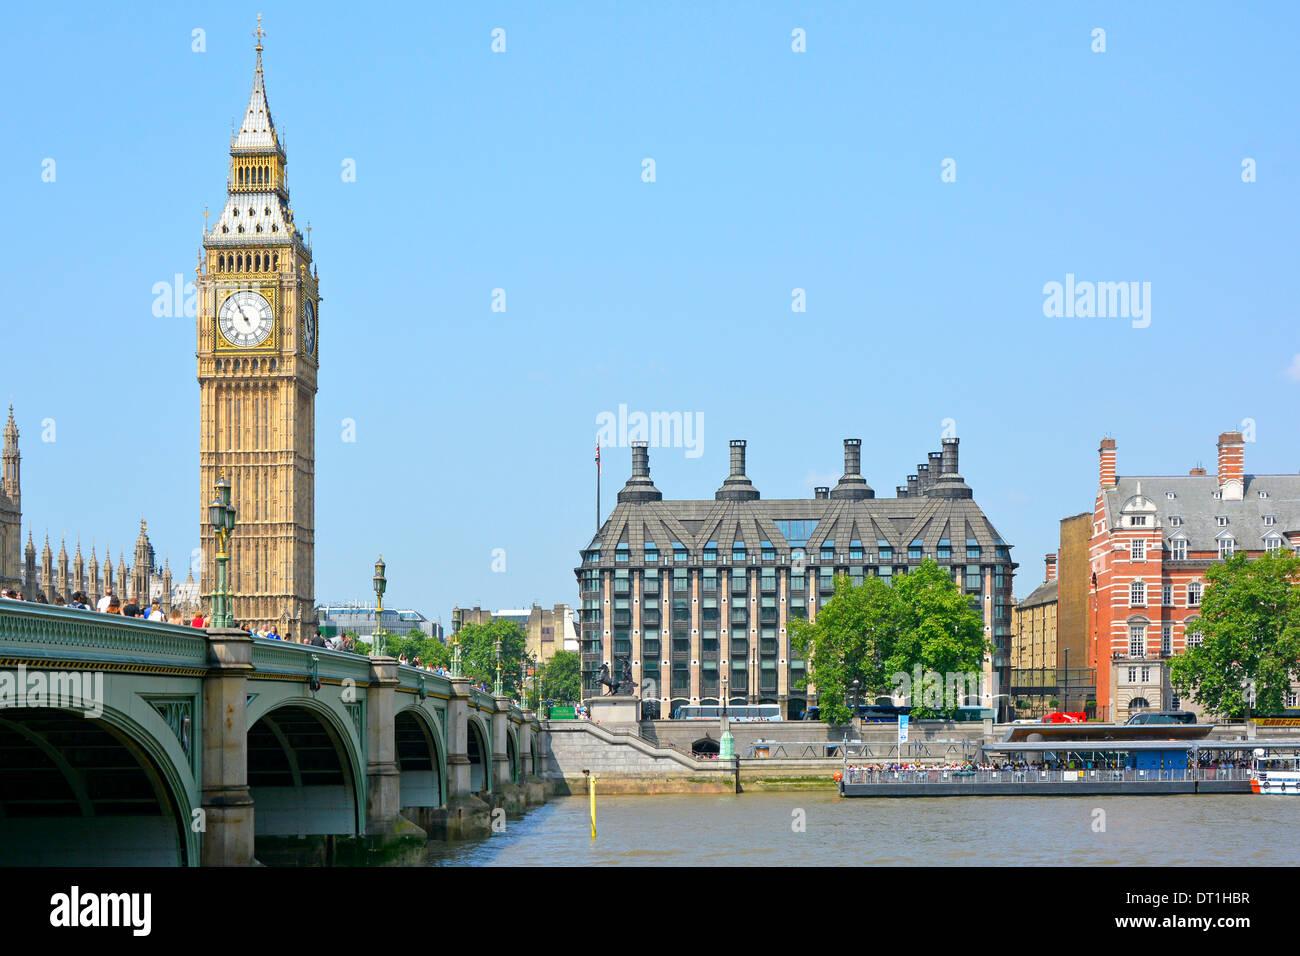 Portcullis House junto al río Támesis incluye Westminster Pier y el puente con el Big Ben Foto de stock